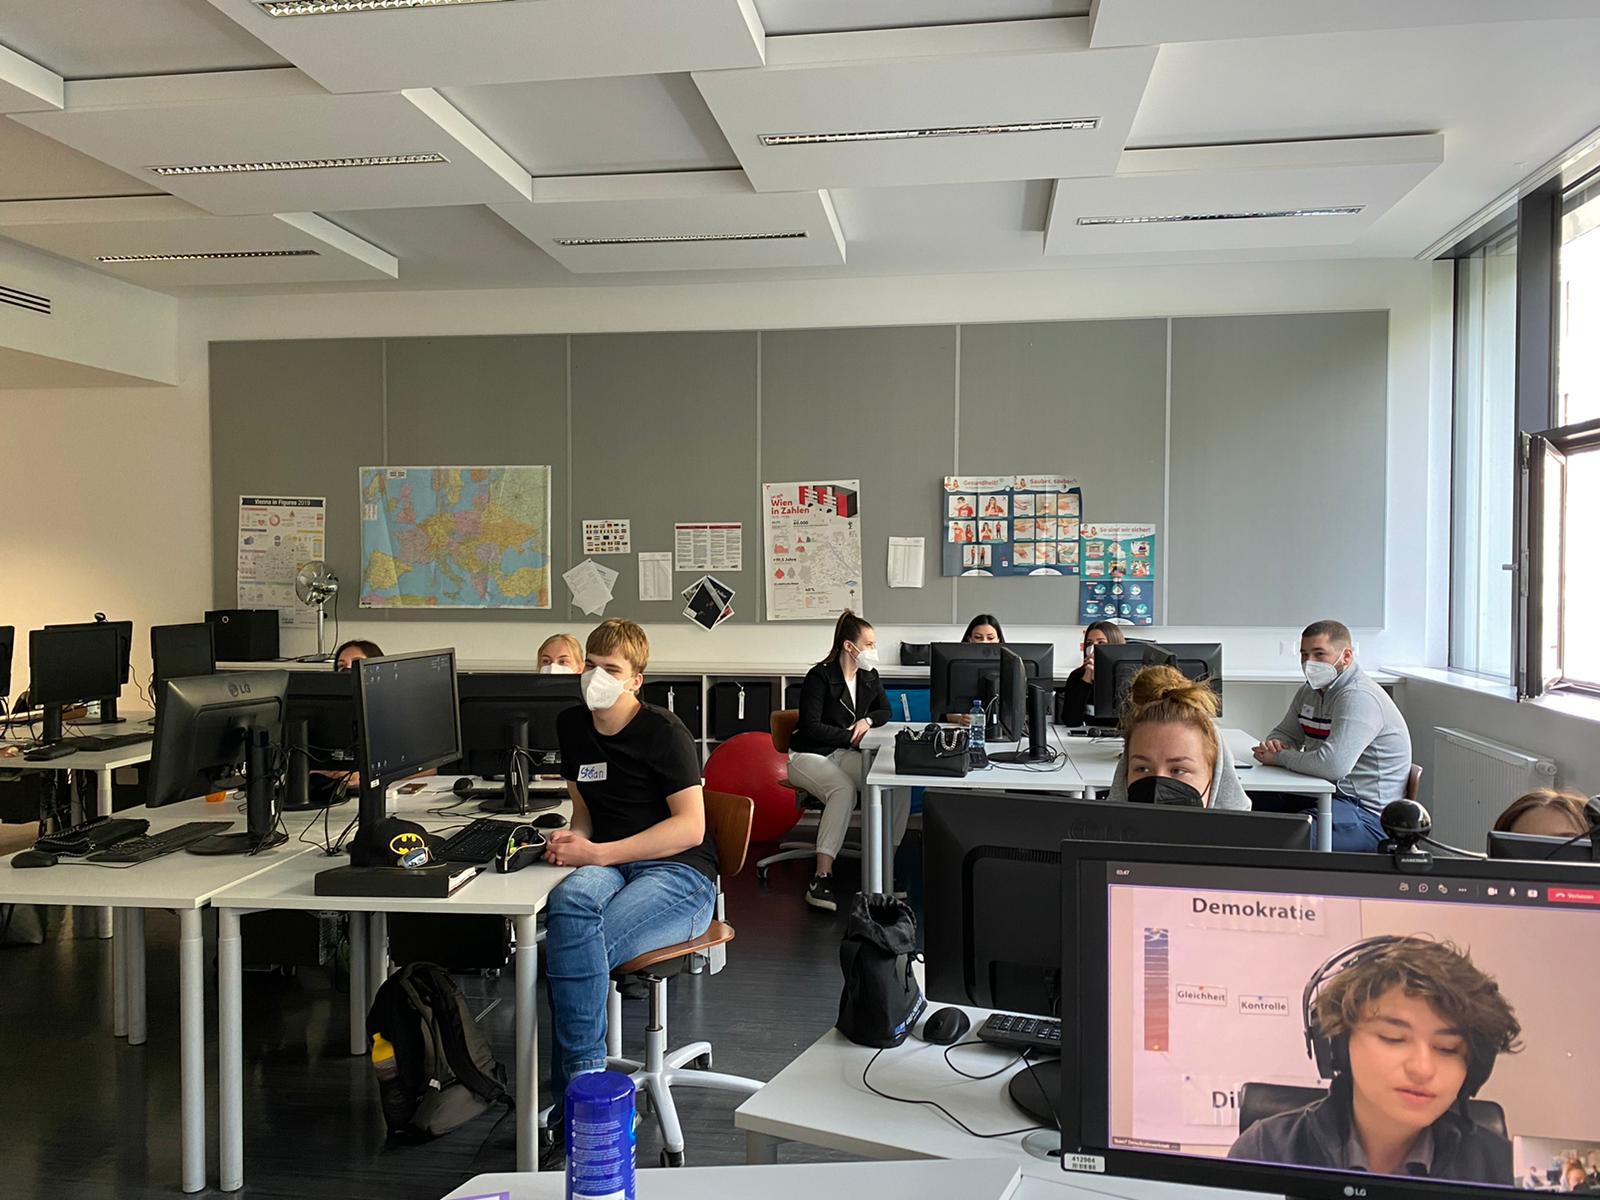 Lehrlinge sitzen im Klassenzimmer an Tischen mit Computer